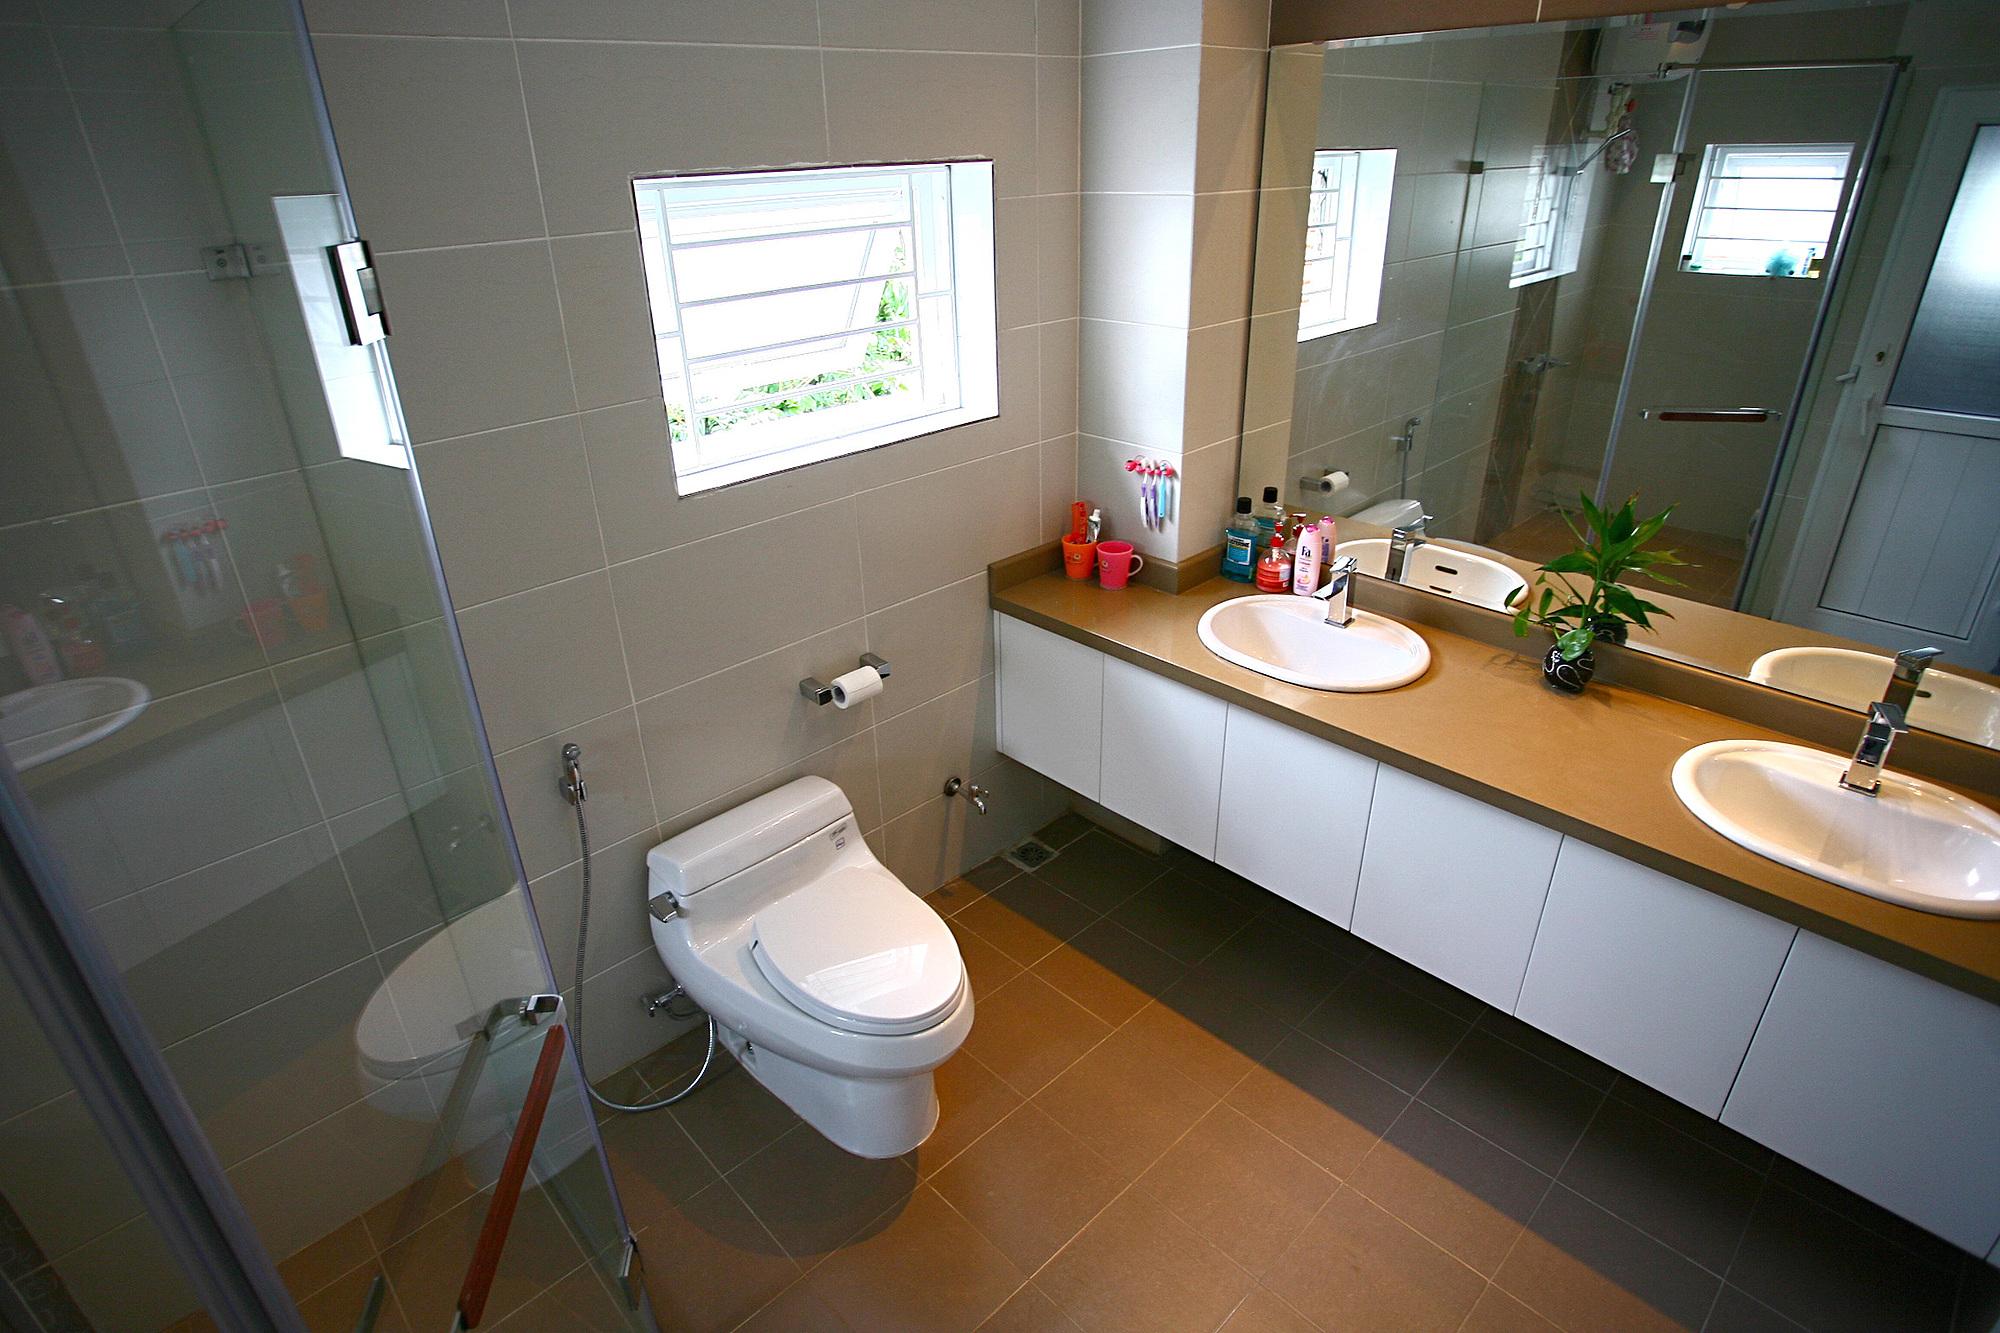 Nhà vệ sinh có ý nghĩa lớn với ngôi nhà nên cần được đầu tư, chăm chút. Ảnh: Hà Thành.